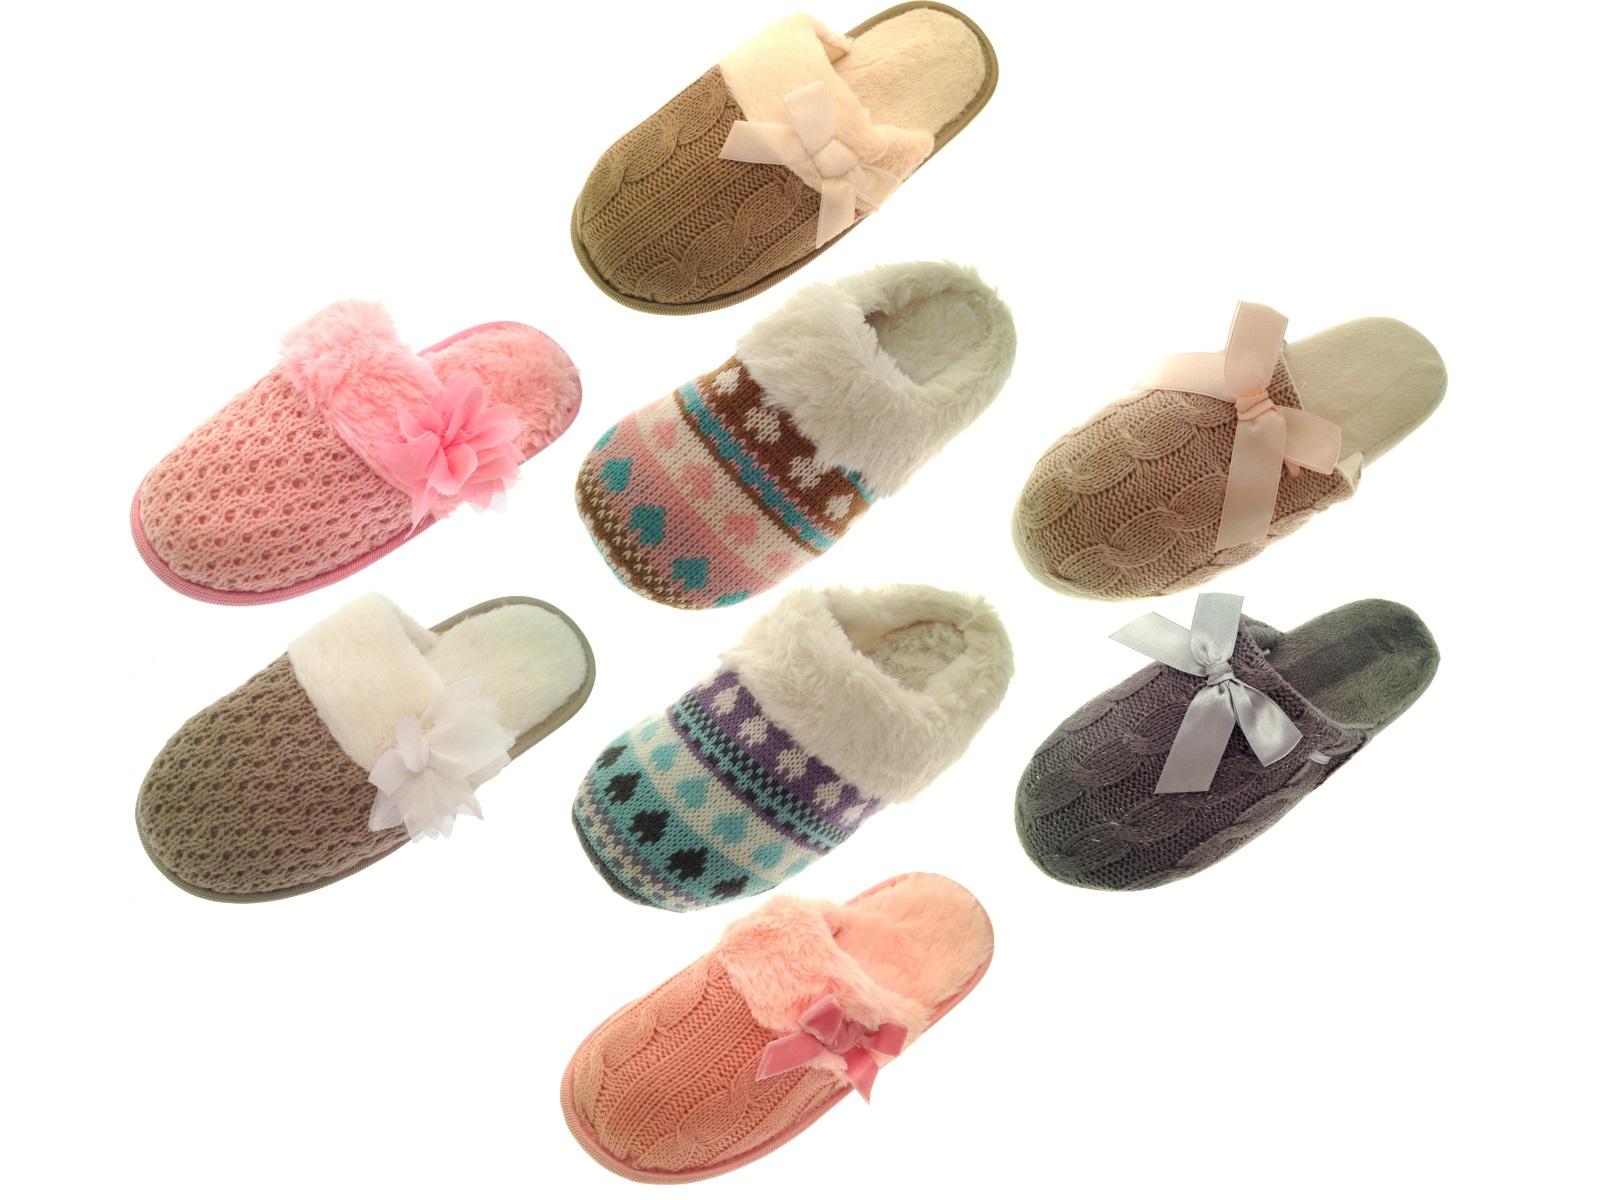 Para mujer Knitted Zapatillas mulas forrado de piel Chicas Damas Zapatillas Zapatos Talla Uk 3 - 8